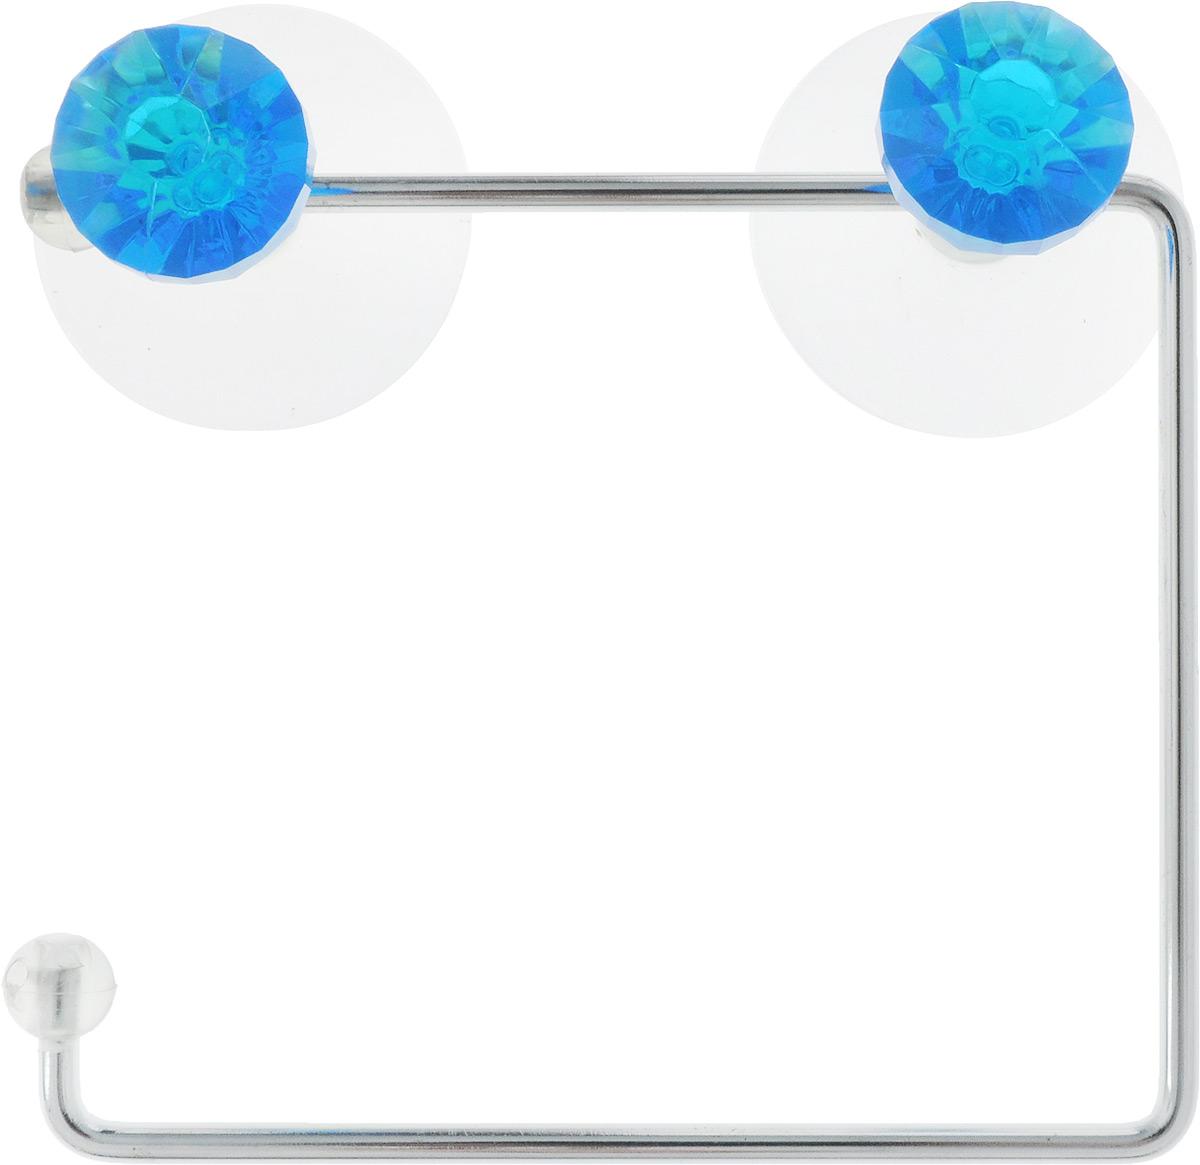 Держатель для туалетной бумаги Axentia Amica, на присосках, цвет: синий, стальной282032_синийДержатель для туалетной бумаги Axentia Amica изготовлен из высококачественной стали с хромированным покрытием, которое устойчиво к влажности и перепадам температуры. Держатель поможет оформить интерьер в выбранном стиле, разбавляя пространство туалетной комнаты различными элементами. Он хорошо впишется в любой интерьер, придавая ему черты современности. Для большего удобства изделие крепится к поверхностям с помощью двух присосок из поливинилхлорида (входят в комплект), что дает возможность при необходимости менять их месторасположение. Размер держателя: 14,5 см х 12,5 см х 4,5 см. Диаметр присоски: 5,5 см.